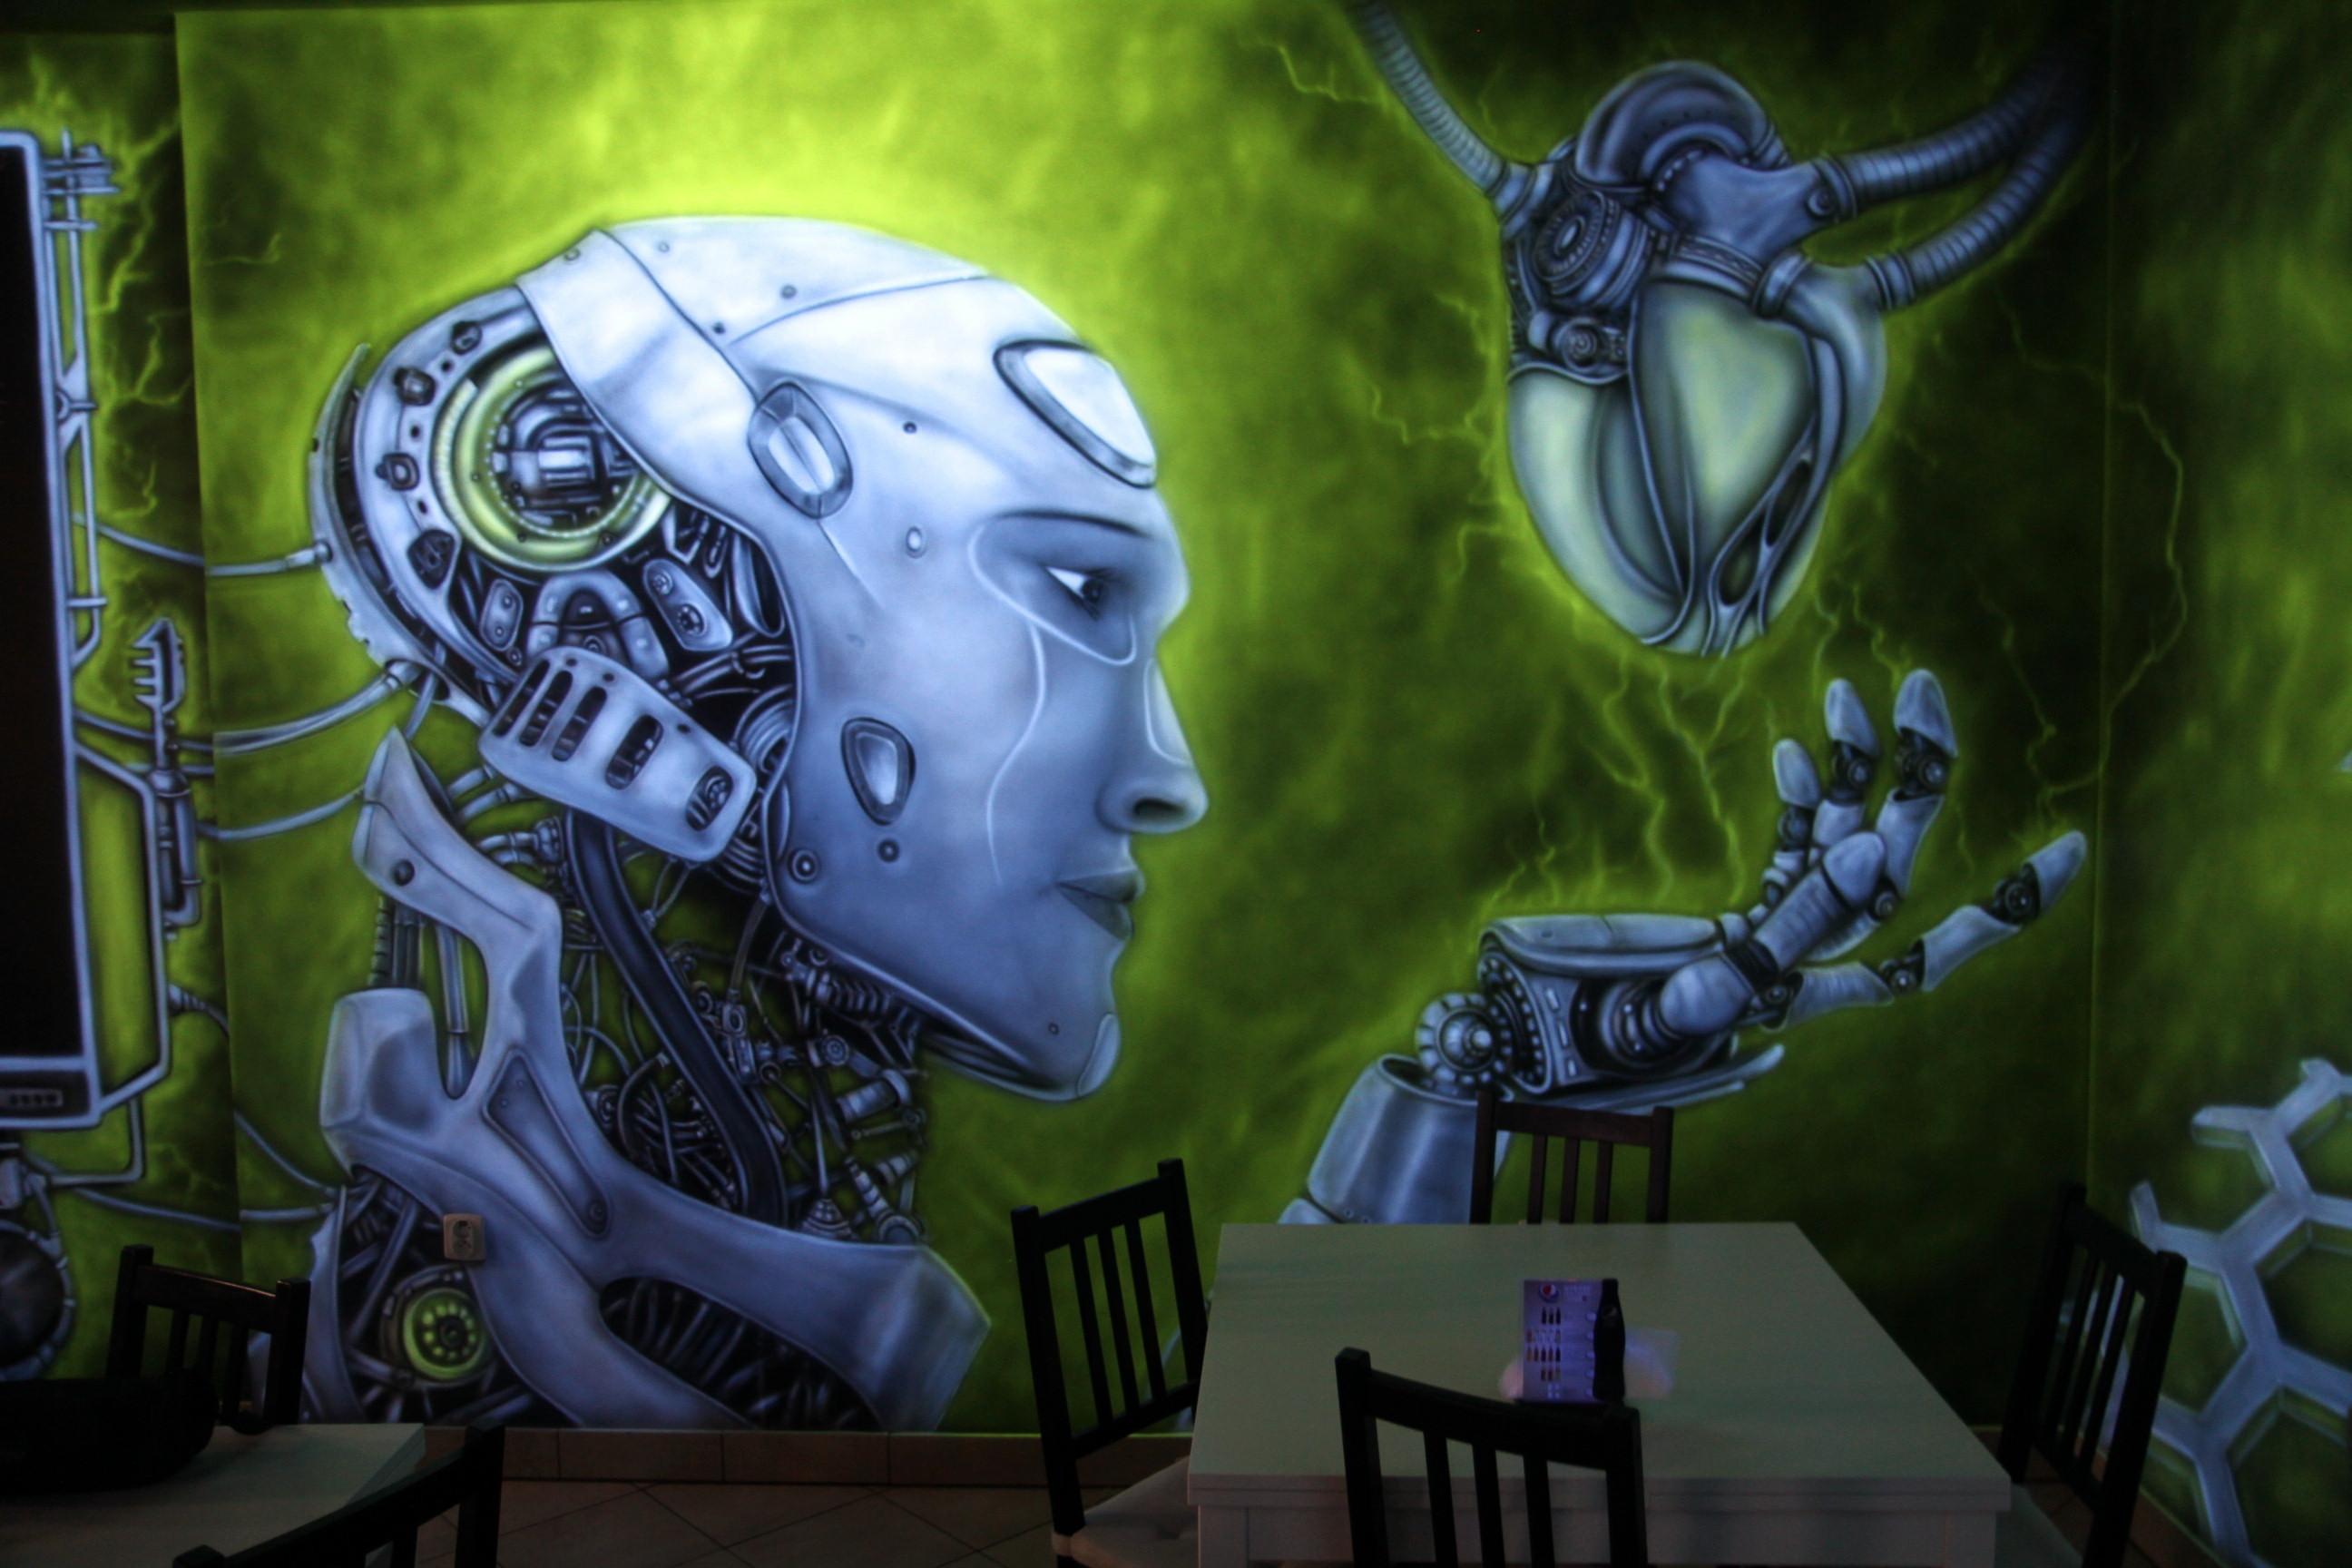 Malowanie farbami UV, świecący mural, biomechanika steampunkowa